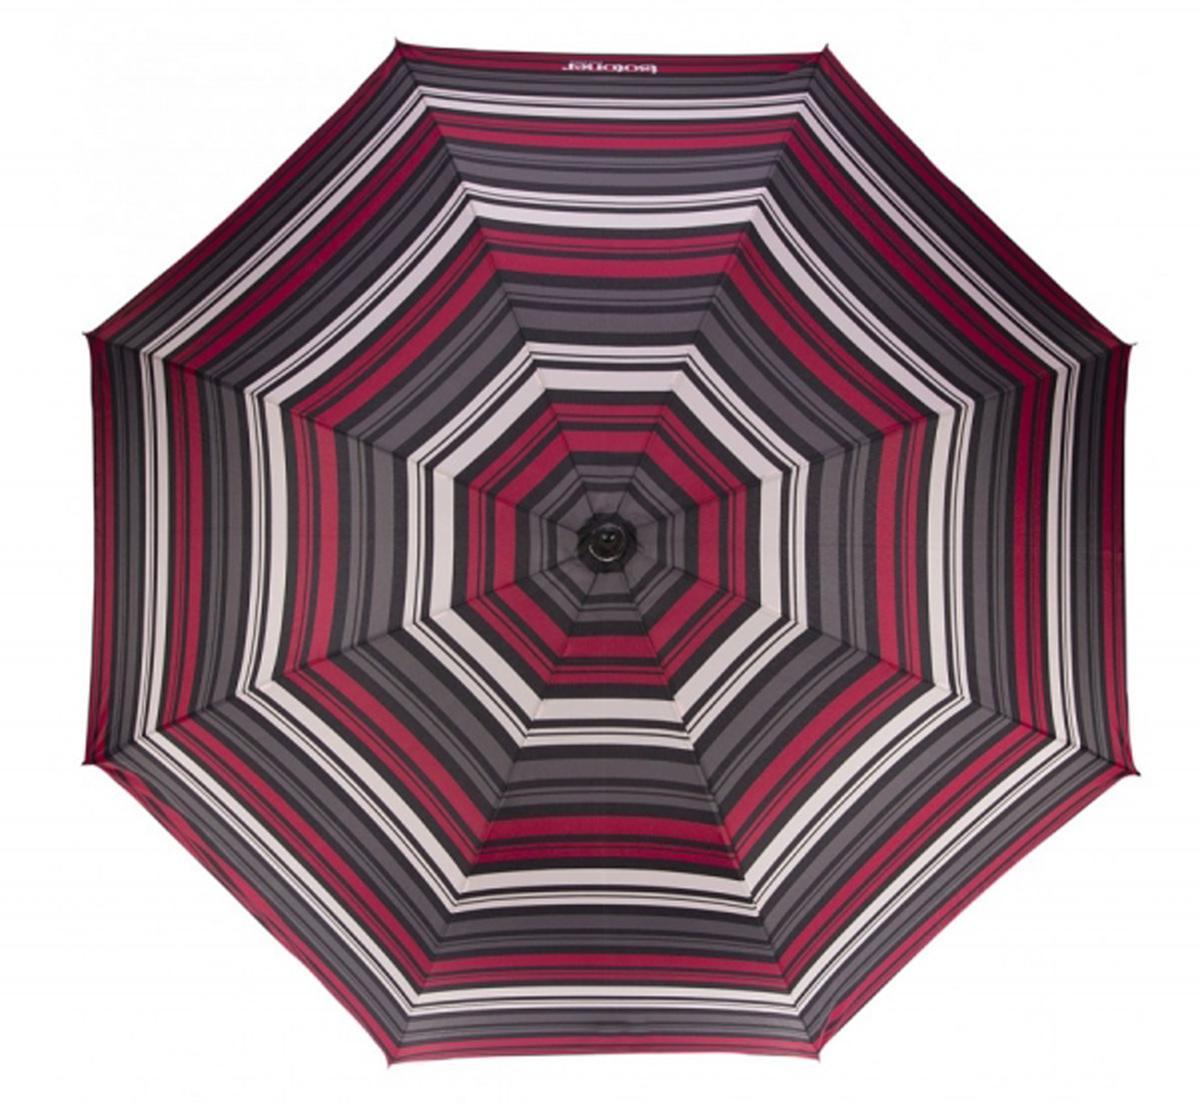 Зонт женский Isotoner Полоска Магнолия, механический, 5 сложений, цвет: серый, мультиколор. 09137-355309137-3553Компактный женский зонт Isotoner изготовлен из металла и пластика. Каркас зонта на прочном металлическом стержне. Купол зонта изготовлен качественного полиэстера. Закрытый купол застегивается на липучку хлястиком. Практичная рукоятка закругленной формы разработана с учетом требований эргономики. Зонт складывается и раскладывается механическим способом. Такой зонт не только надежно защитит от дождя, но и станет стильным аксессуаром.